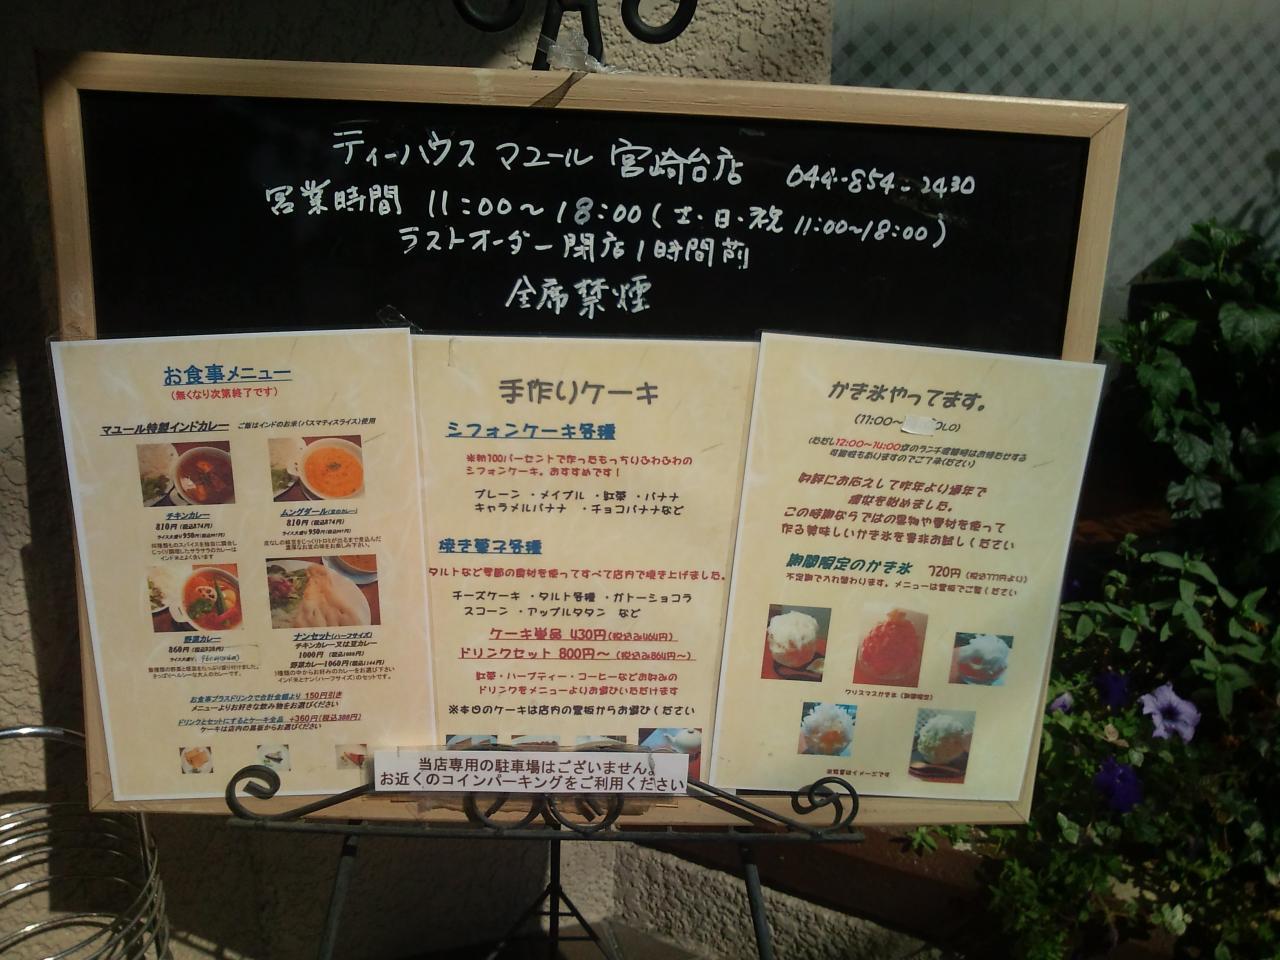 マユール宮崎台店(店舗外観)